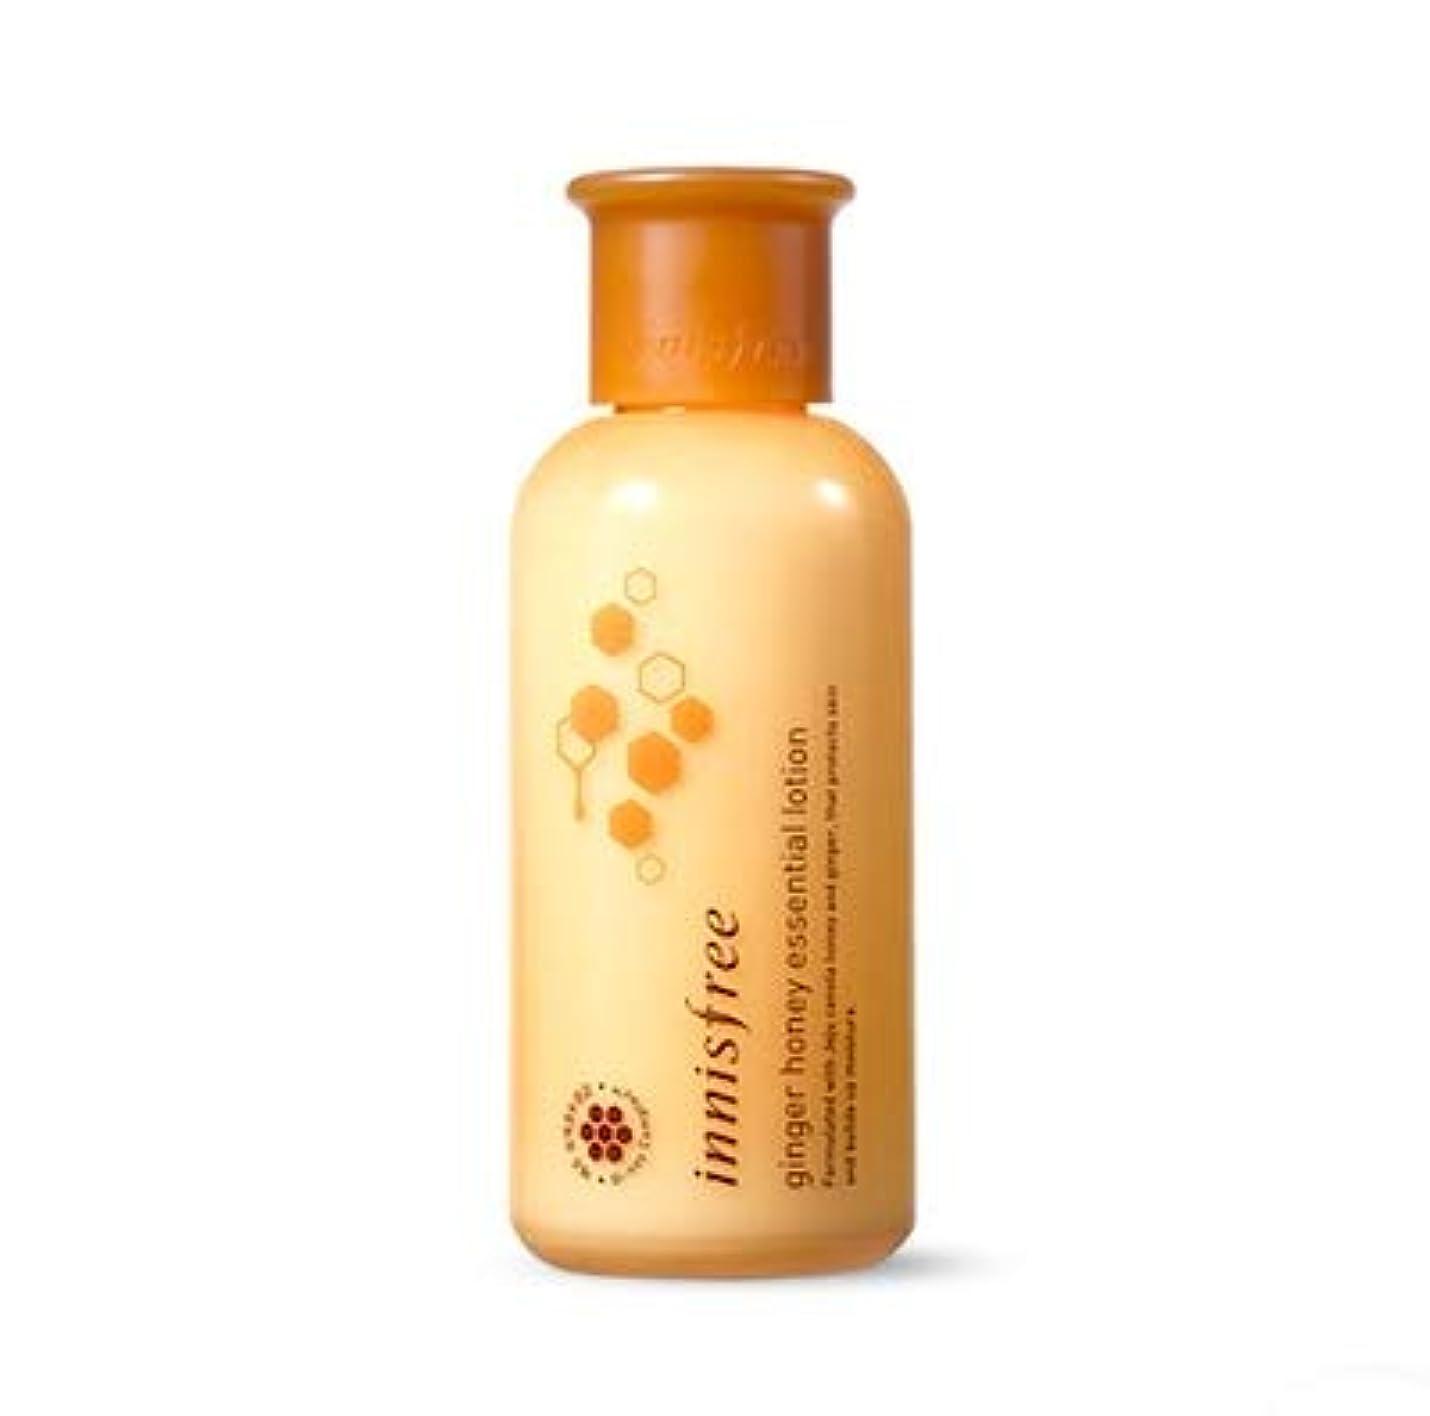 成功したによると促すINNISFREE Ginger Honey Essential Lotion イニスフリー ジンジャー ハニー エッセンシャル ローション 160ml [並行輸入品]